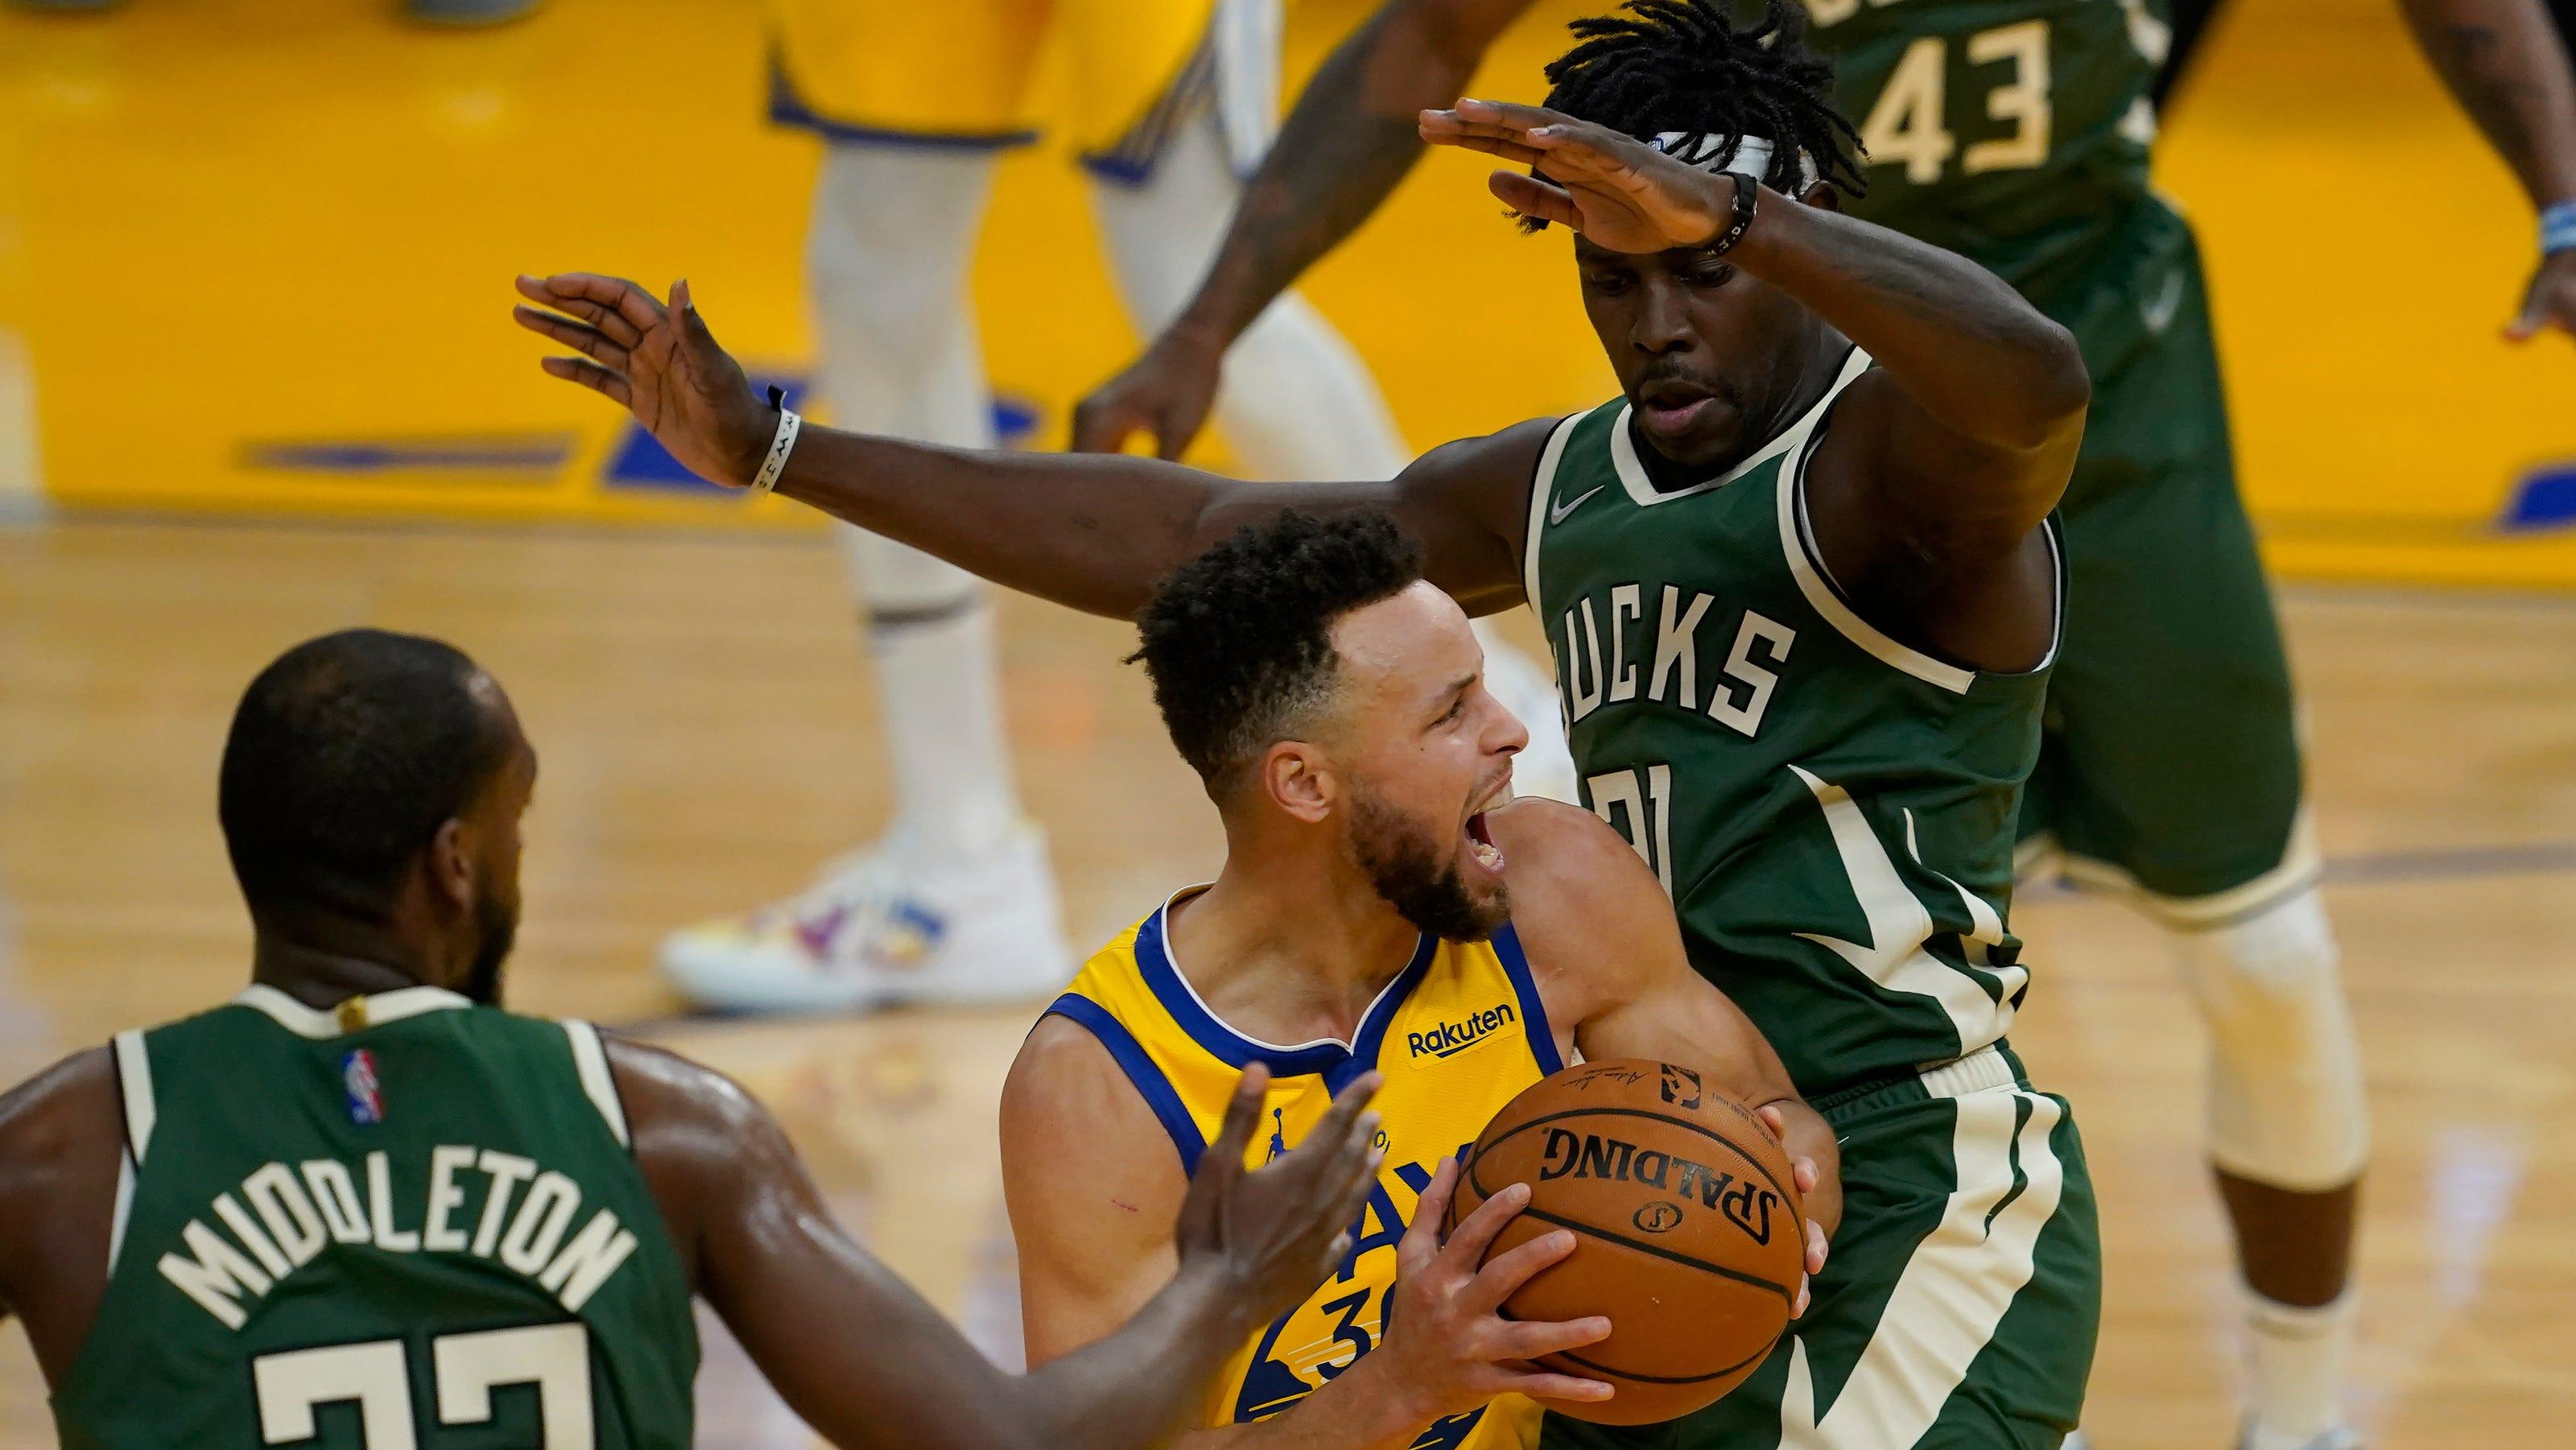 Warriors 122, Bucks 121: Lead slips away in fourth quarter